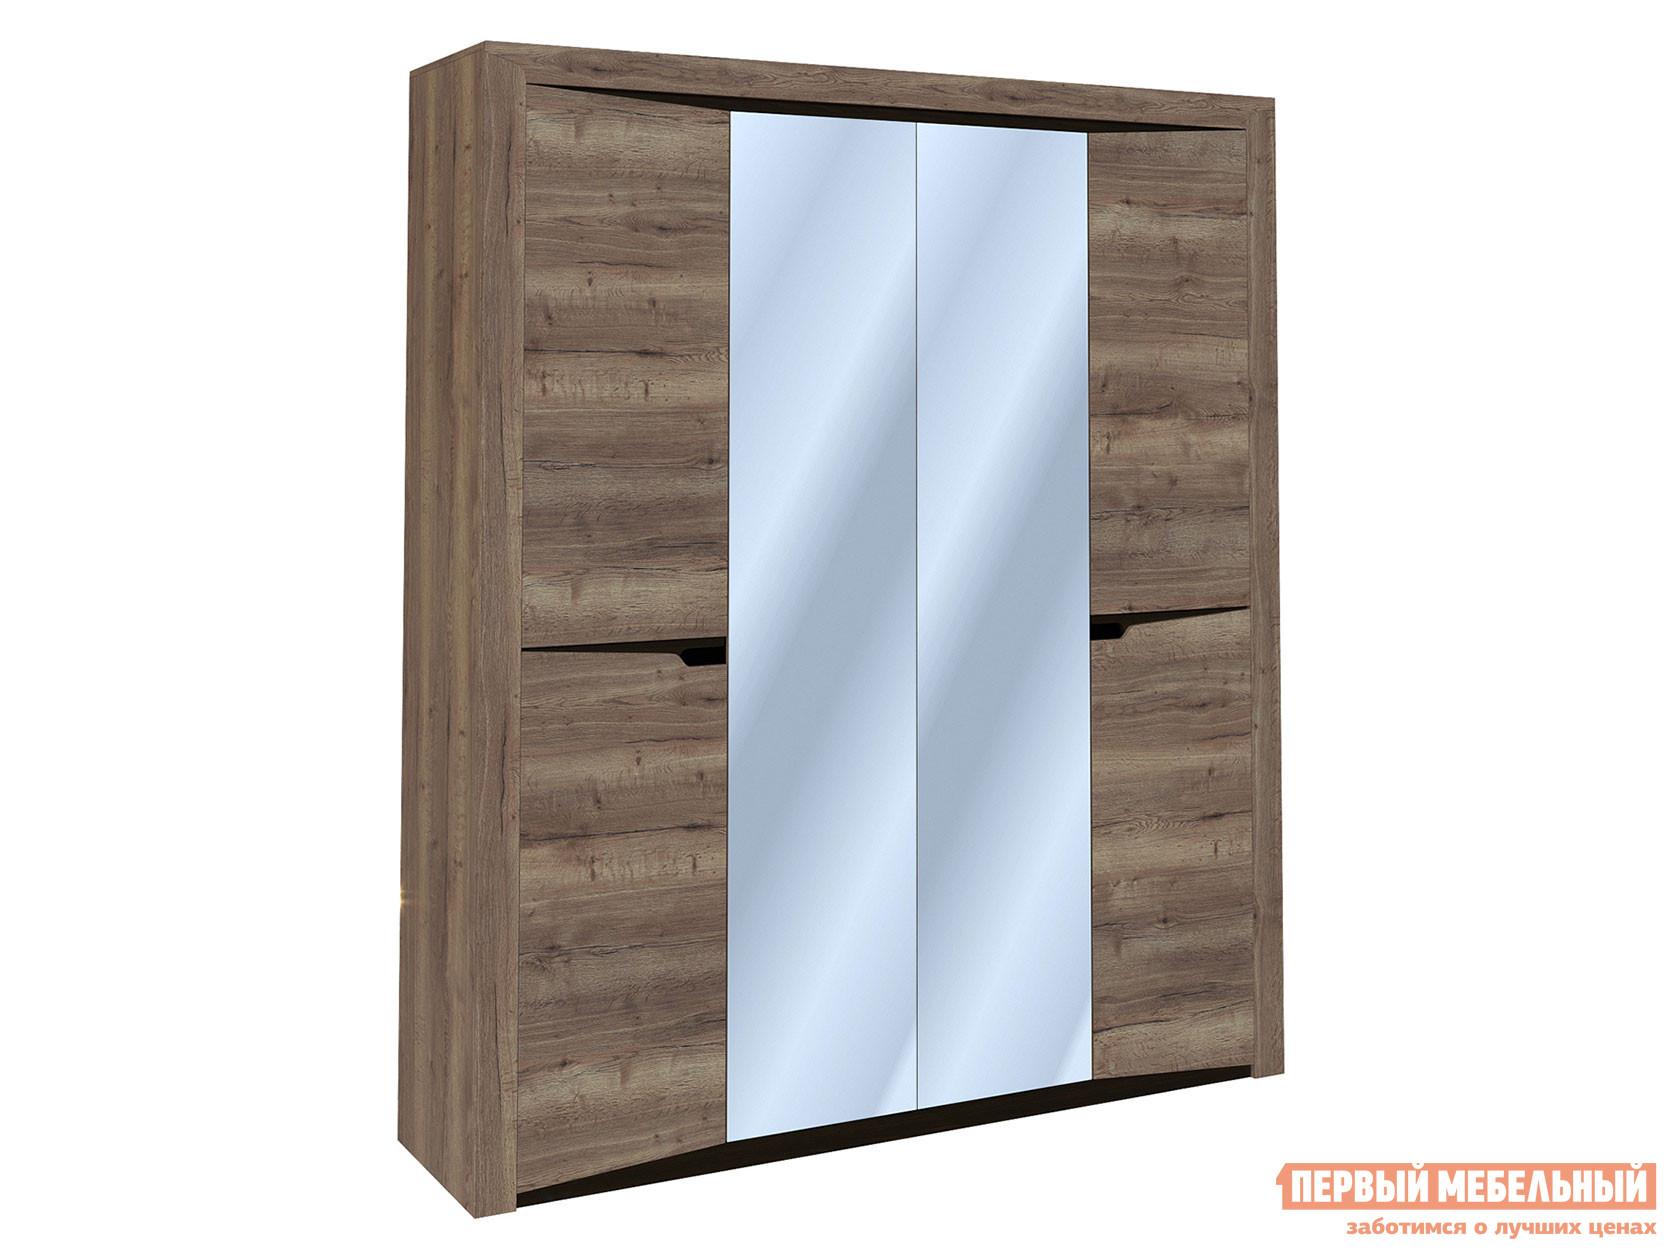 Шкаф 4-х дверный распашной Первый Мебельный Гарда 4-х дверный с зеркалом распашной шкаф шкаф 4 х дверный с доводчиками медея медея